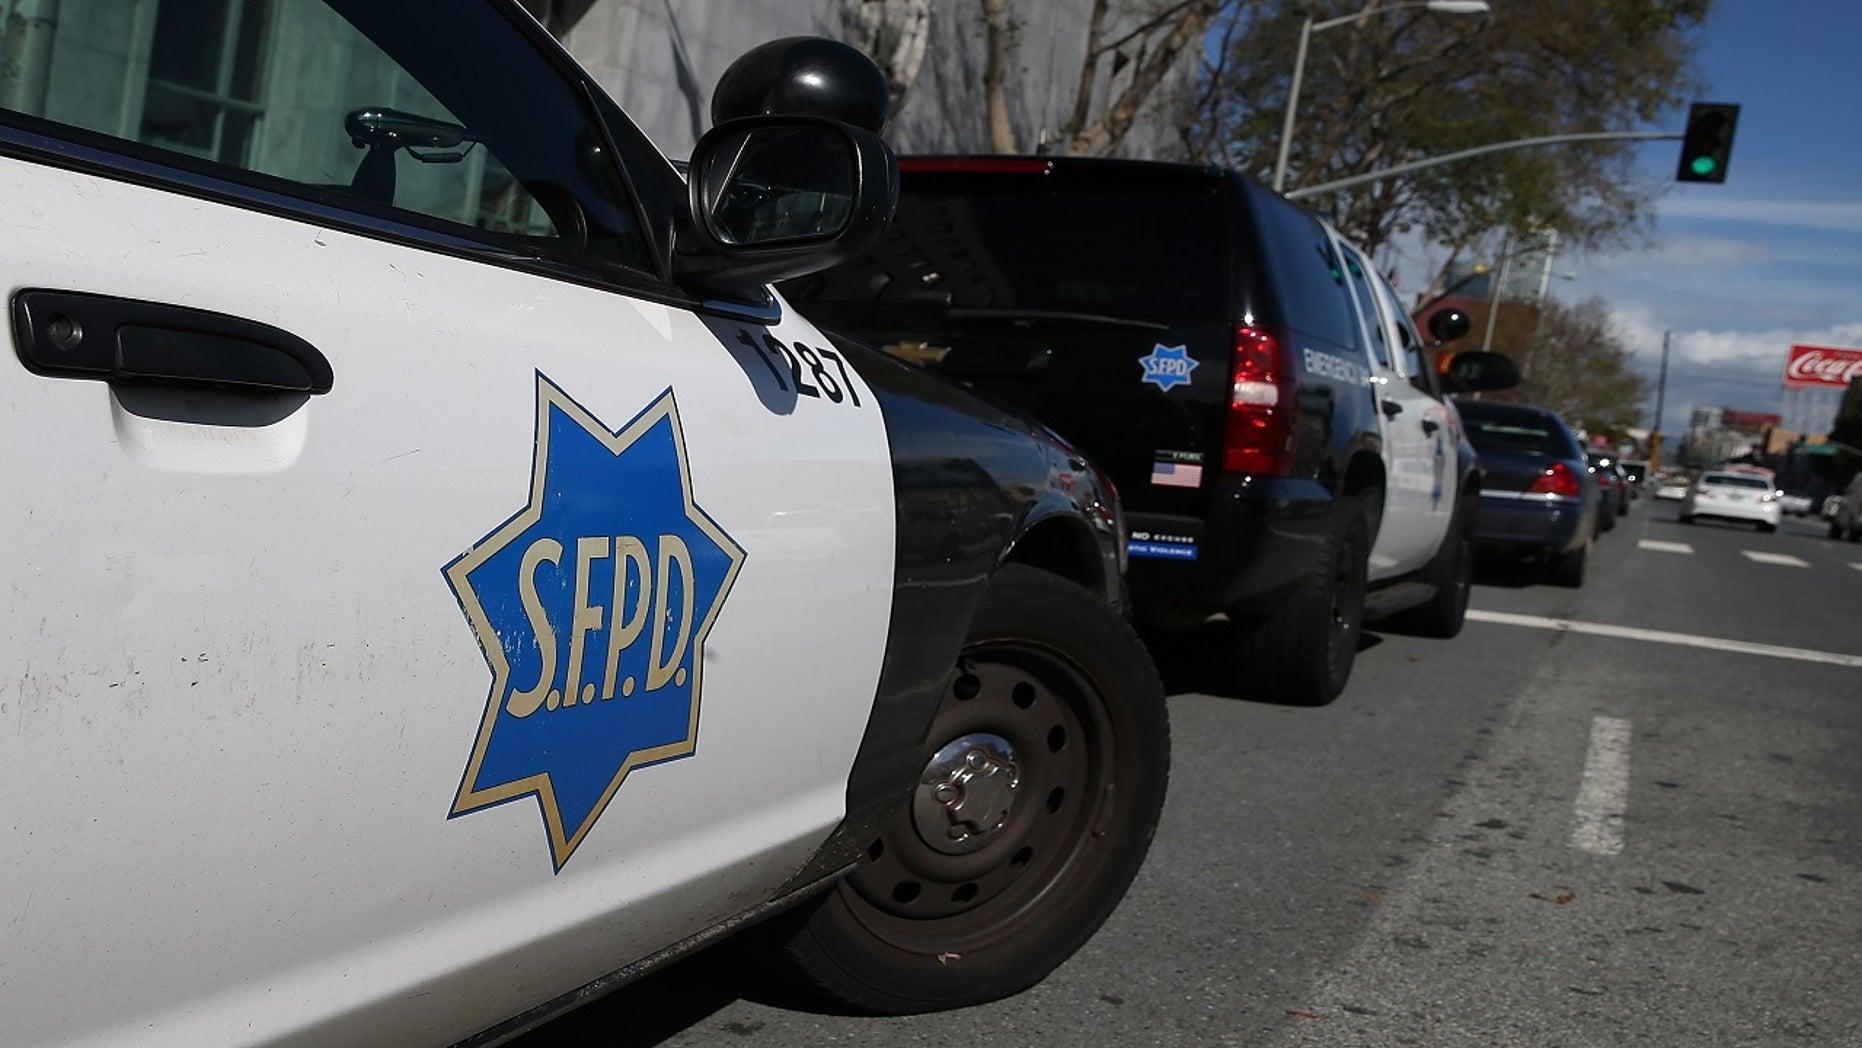 SFPD patrol cars.